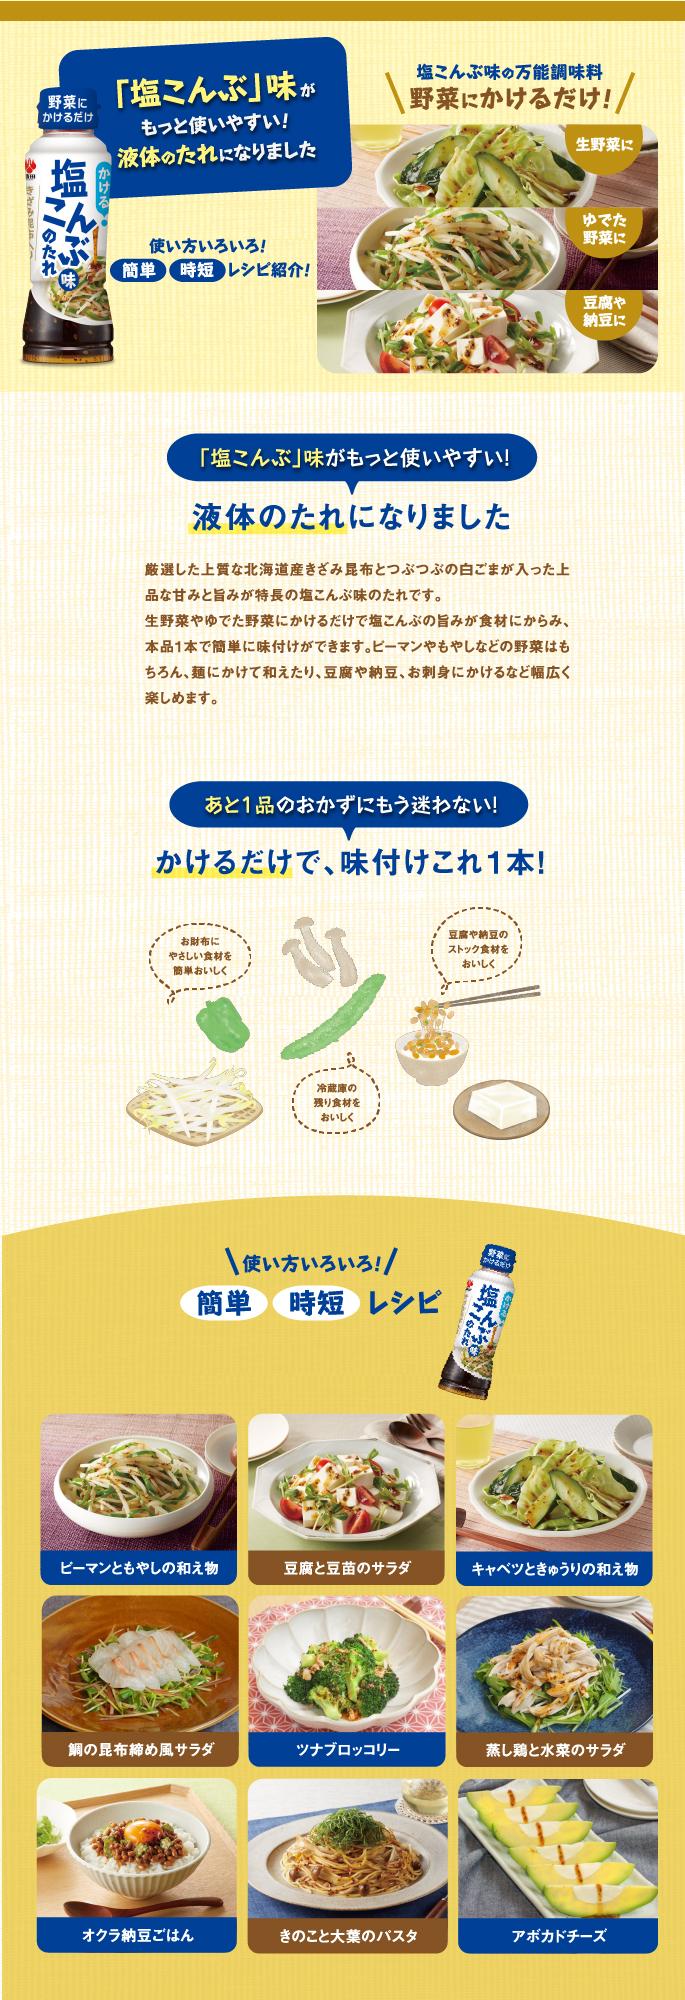 塩こんぶ商品説明